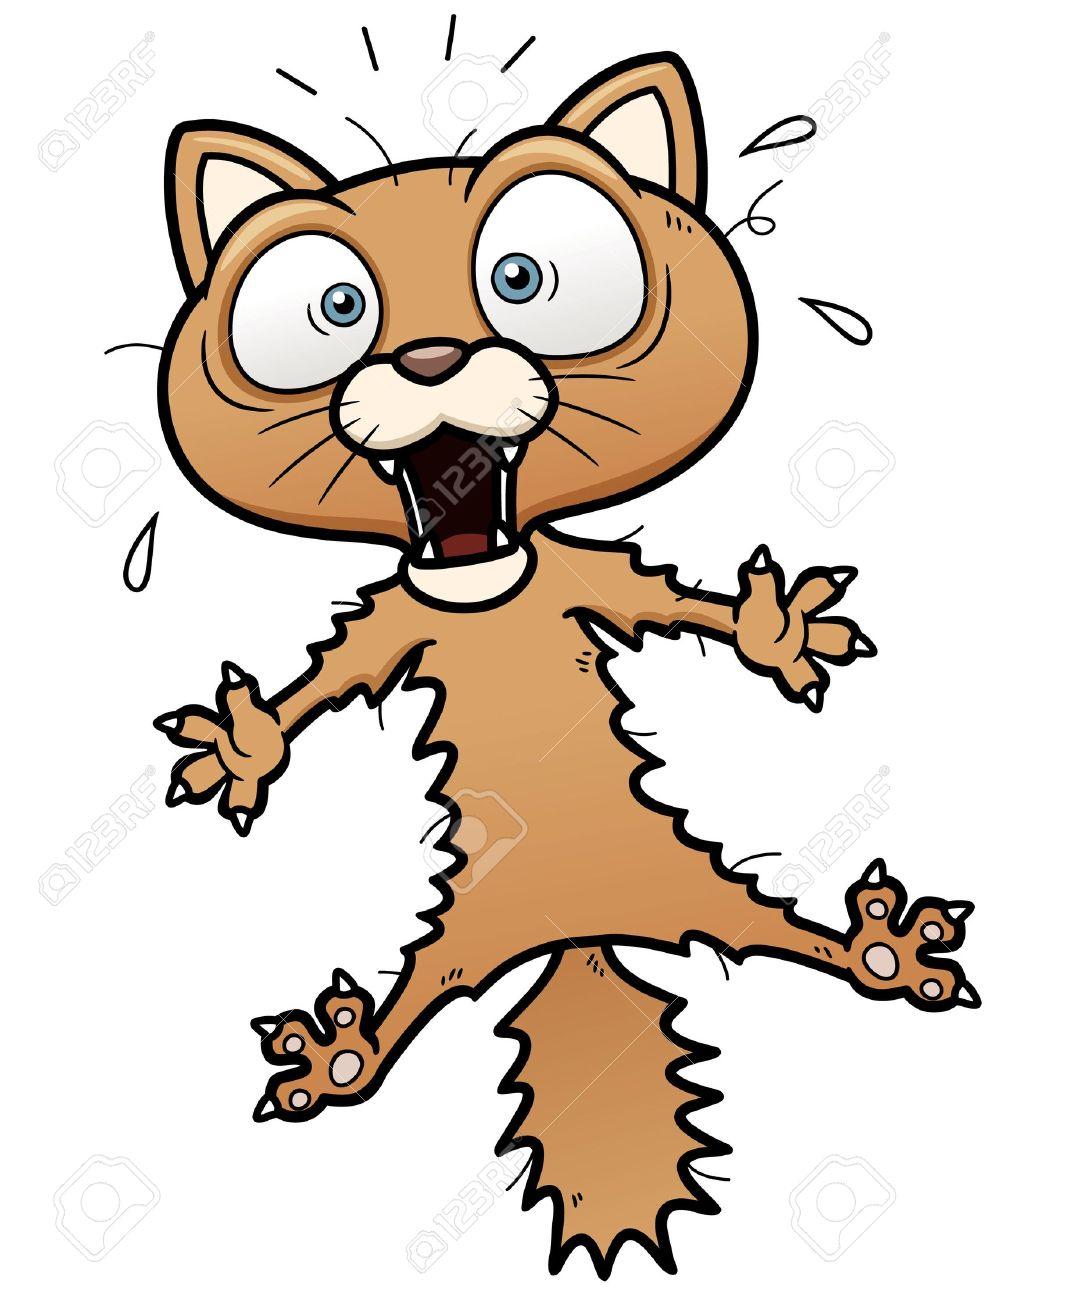 cat cartoon stock photos u0026 pictures royalty free cat cartoon